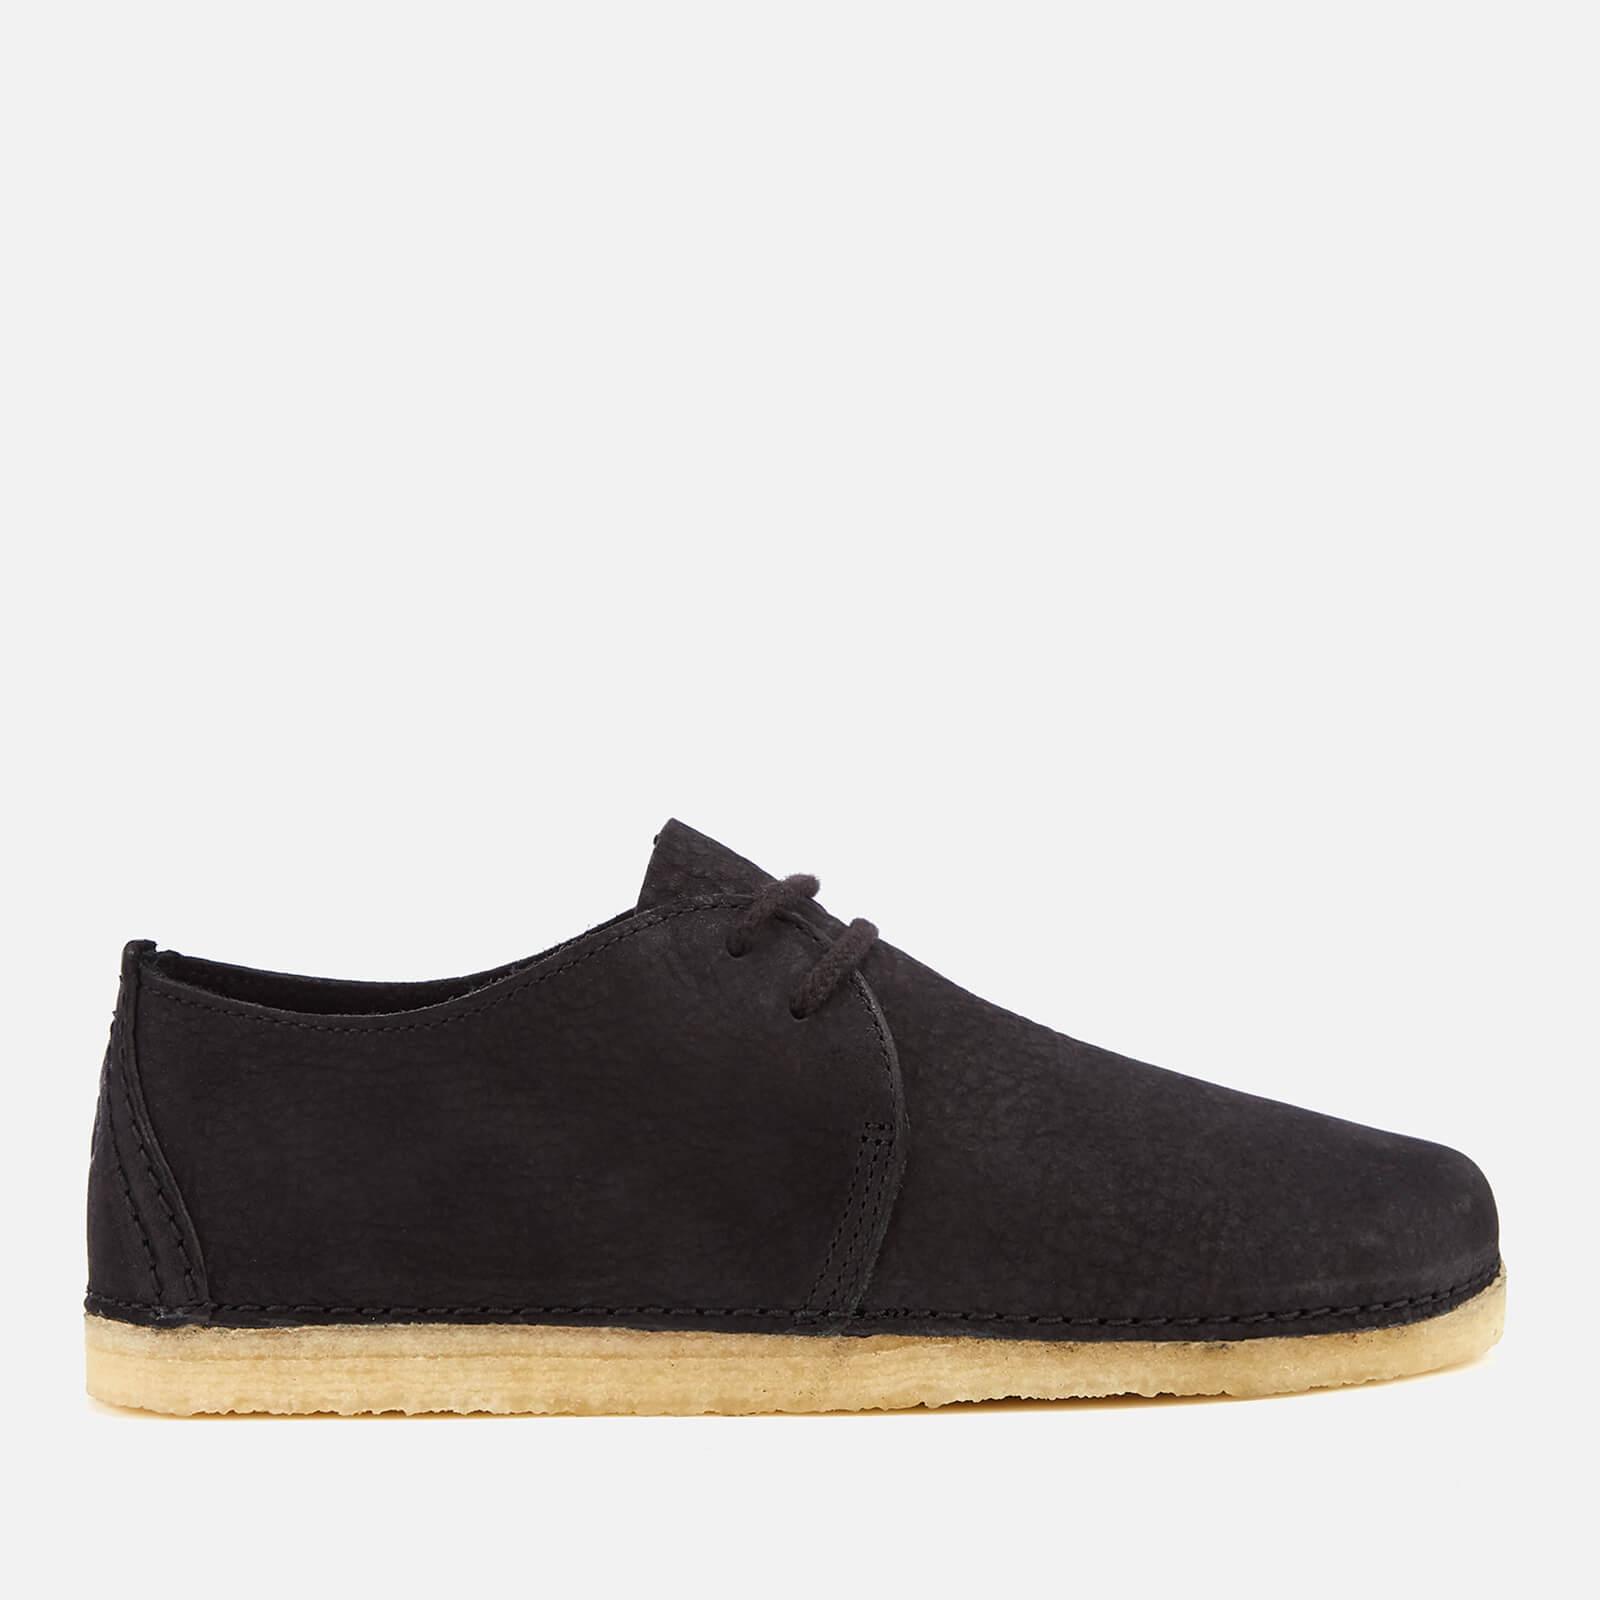 Clarks Originals Women's Ashton Nubuck Lace Up Shoes - Black - UK 7